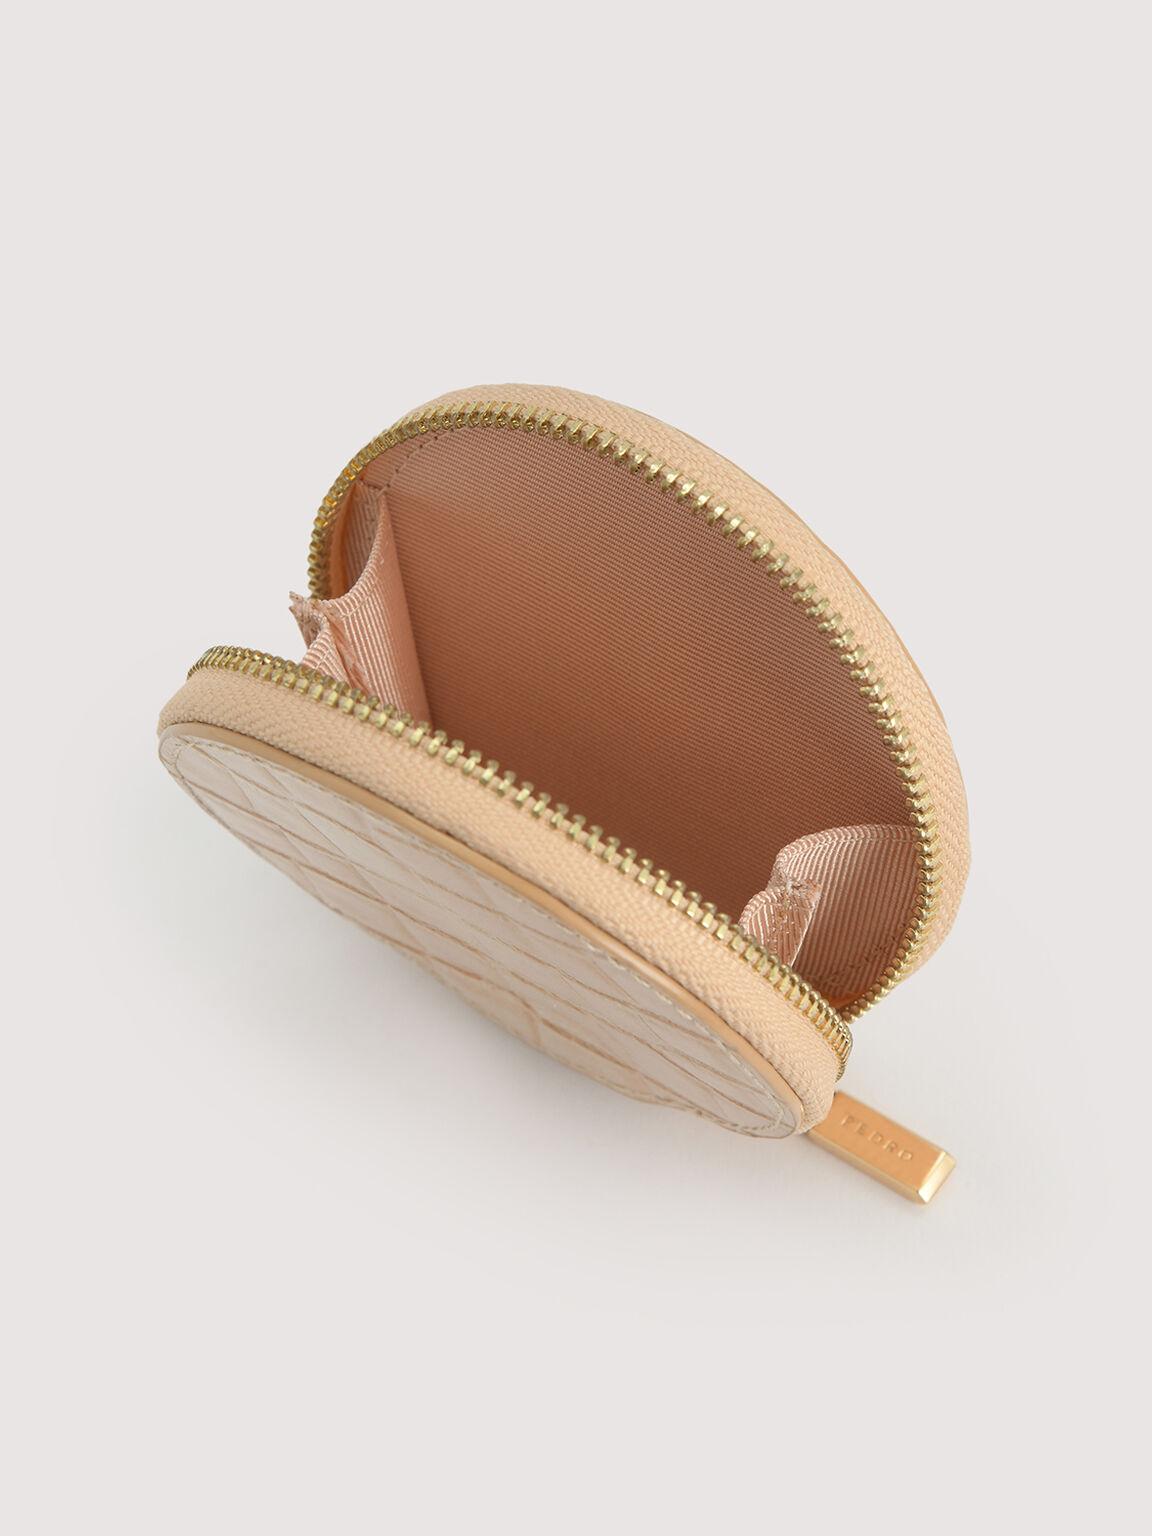 配有硬幣袋的浮雕皮革掛帶卡包, 裸色, hi-res